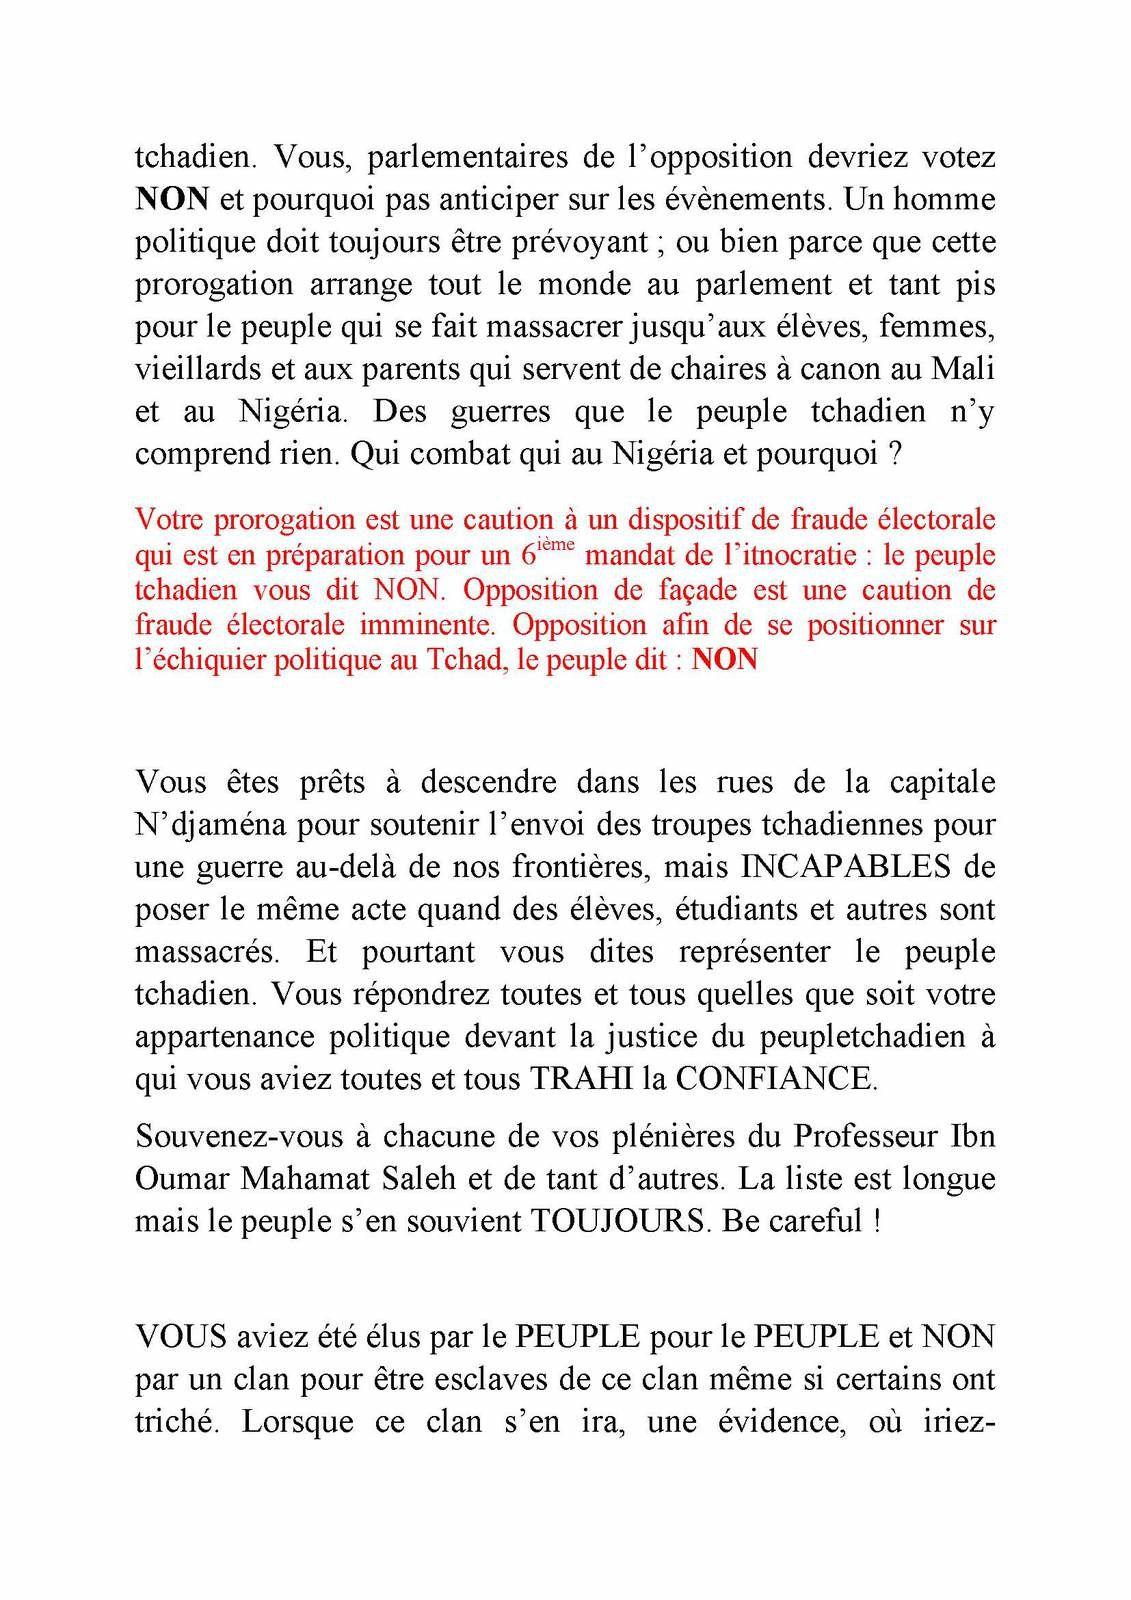 BOULIMIE  Viscérale  AU  TCHAD ; HONTE  PARLEMENTAIRE : LE PEUPLE  TRAHI  ENCORE  UNE  FOIS DE  PLUS  par  ses  élus ?